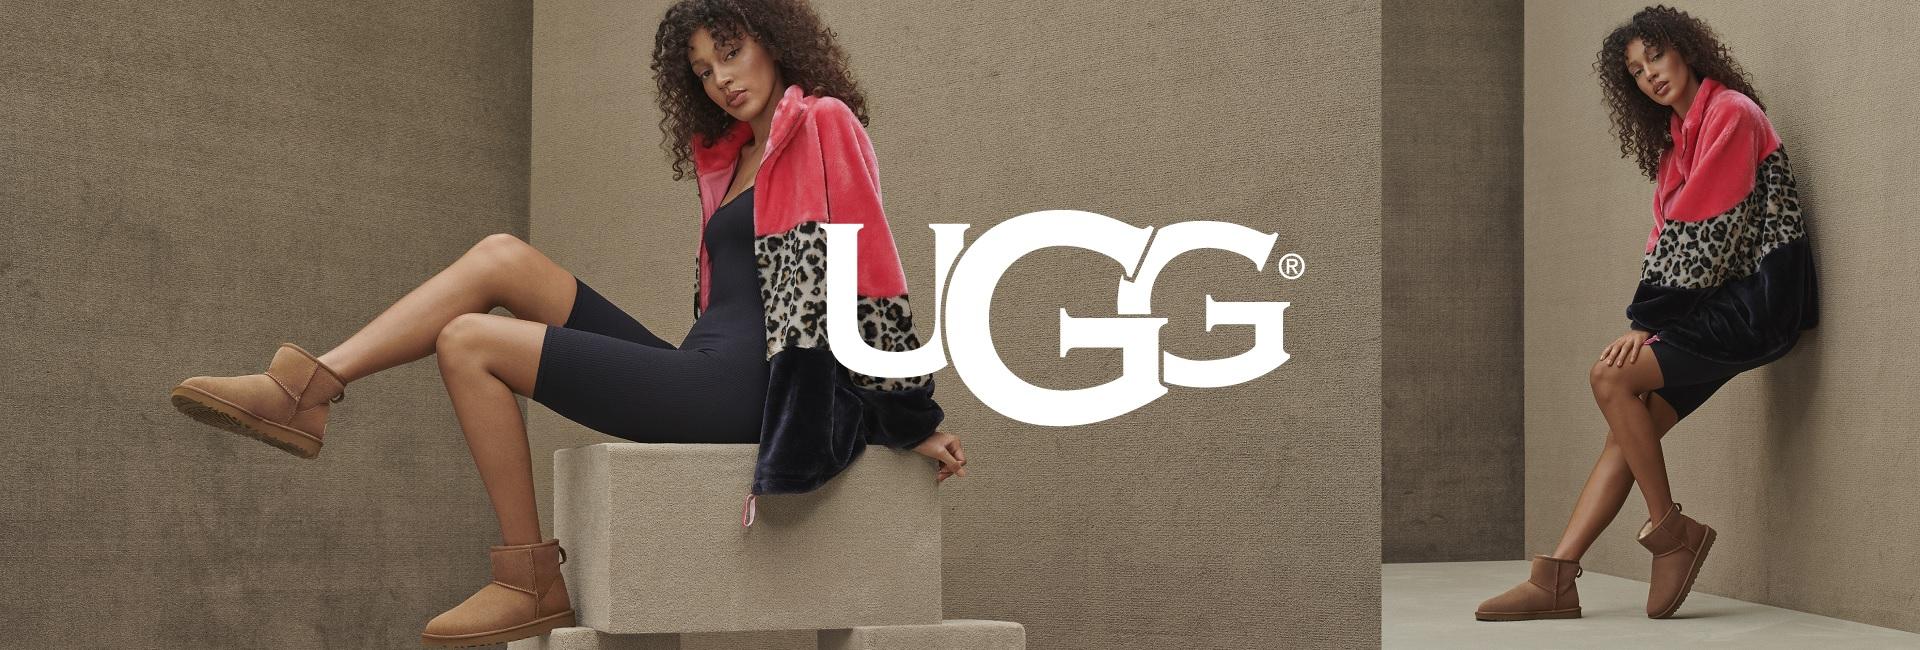 UGG Hausschuhe für Damen im Online-Shop von GISY kaufen